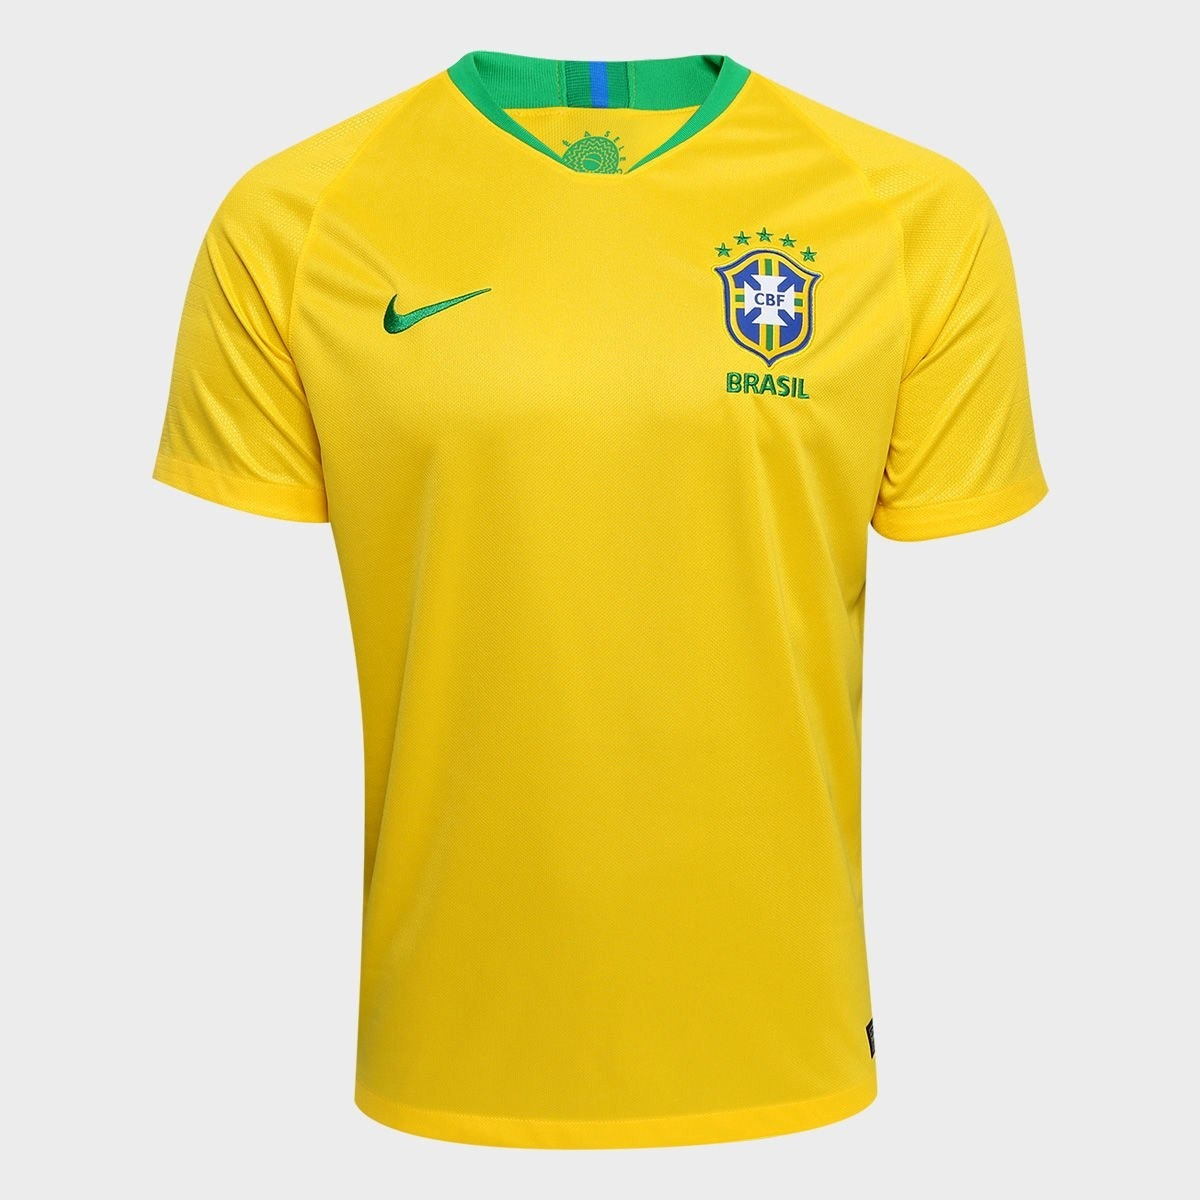 camisa copa 2018 seleção brasileira original. Carregando zoom. 253175d30c9f7